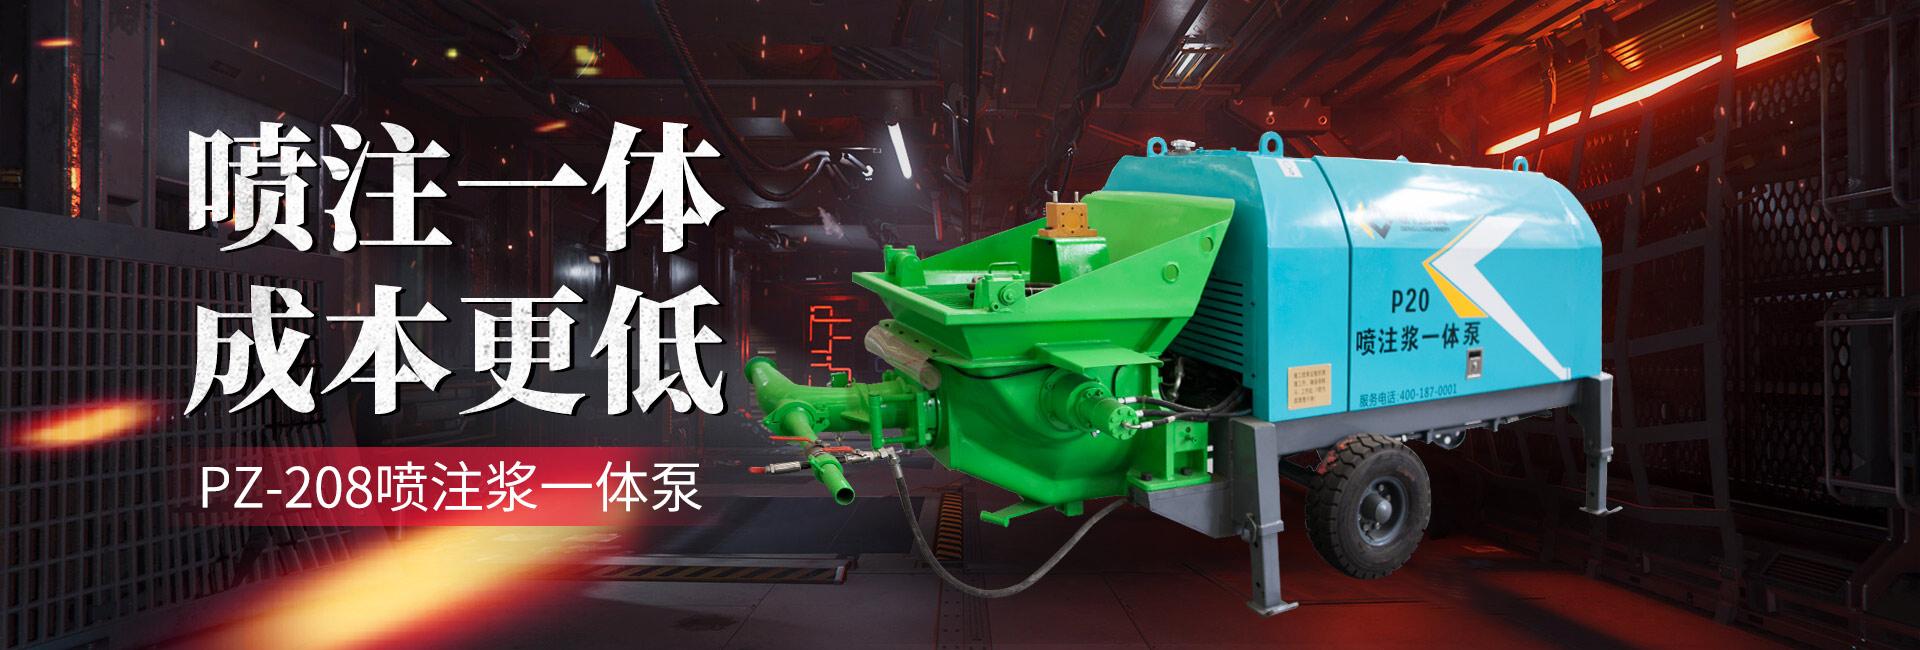 P20喷注浆一体泵_湿喷注浆一体泵_喷浆注浆一体泵